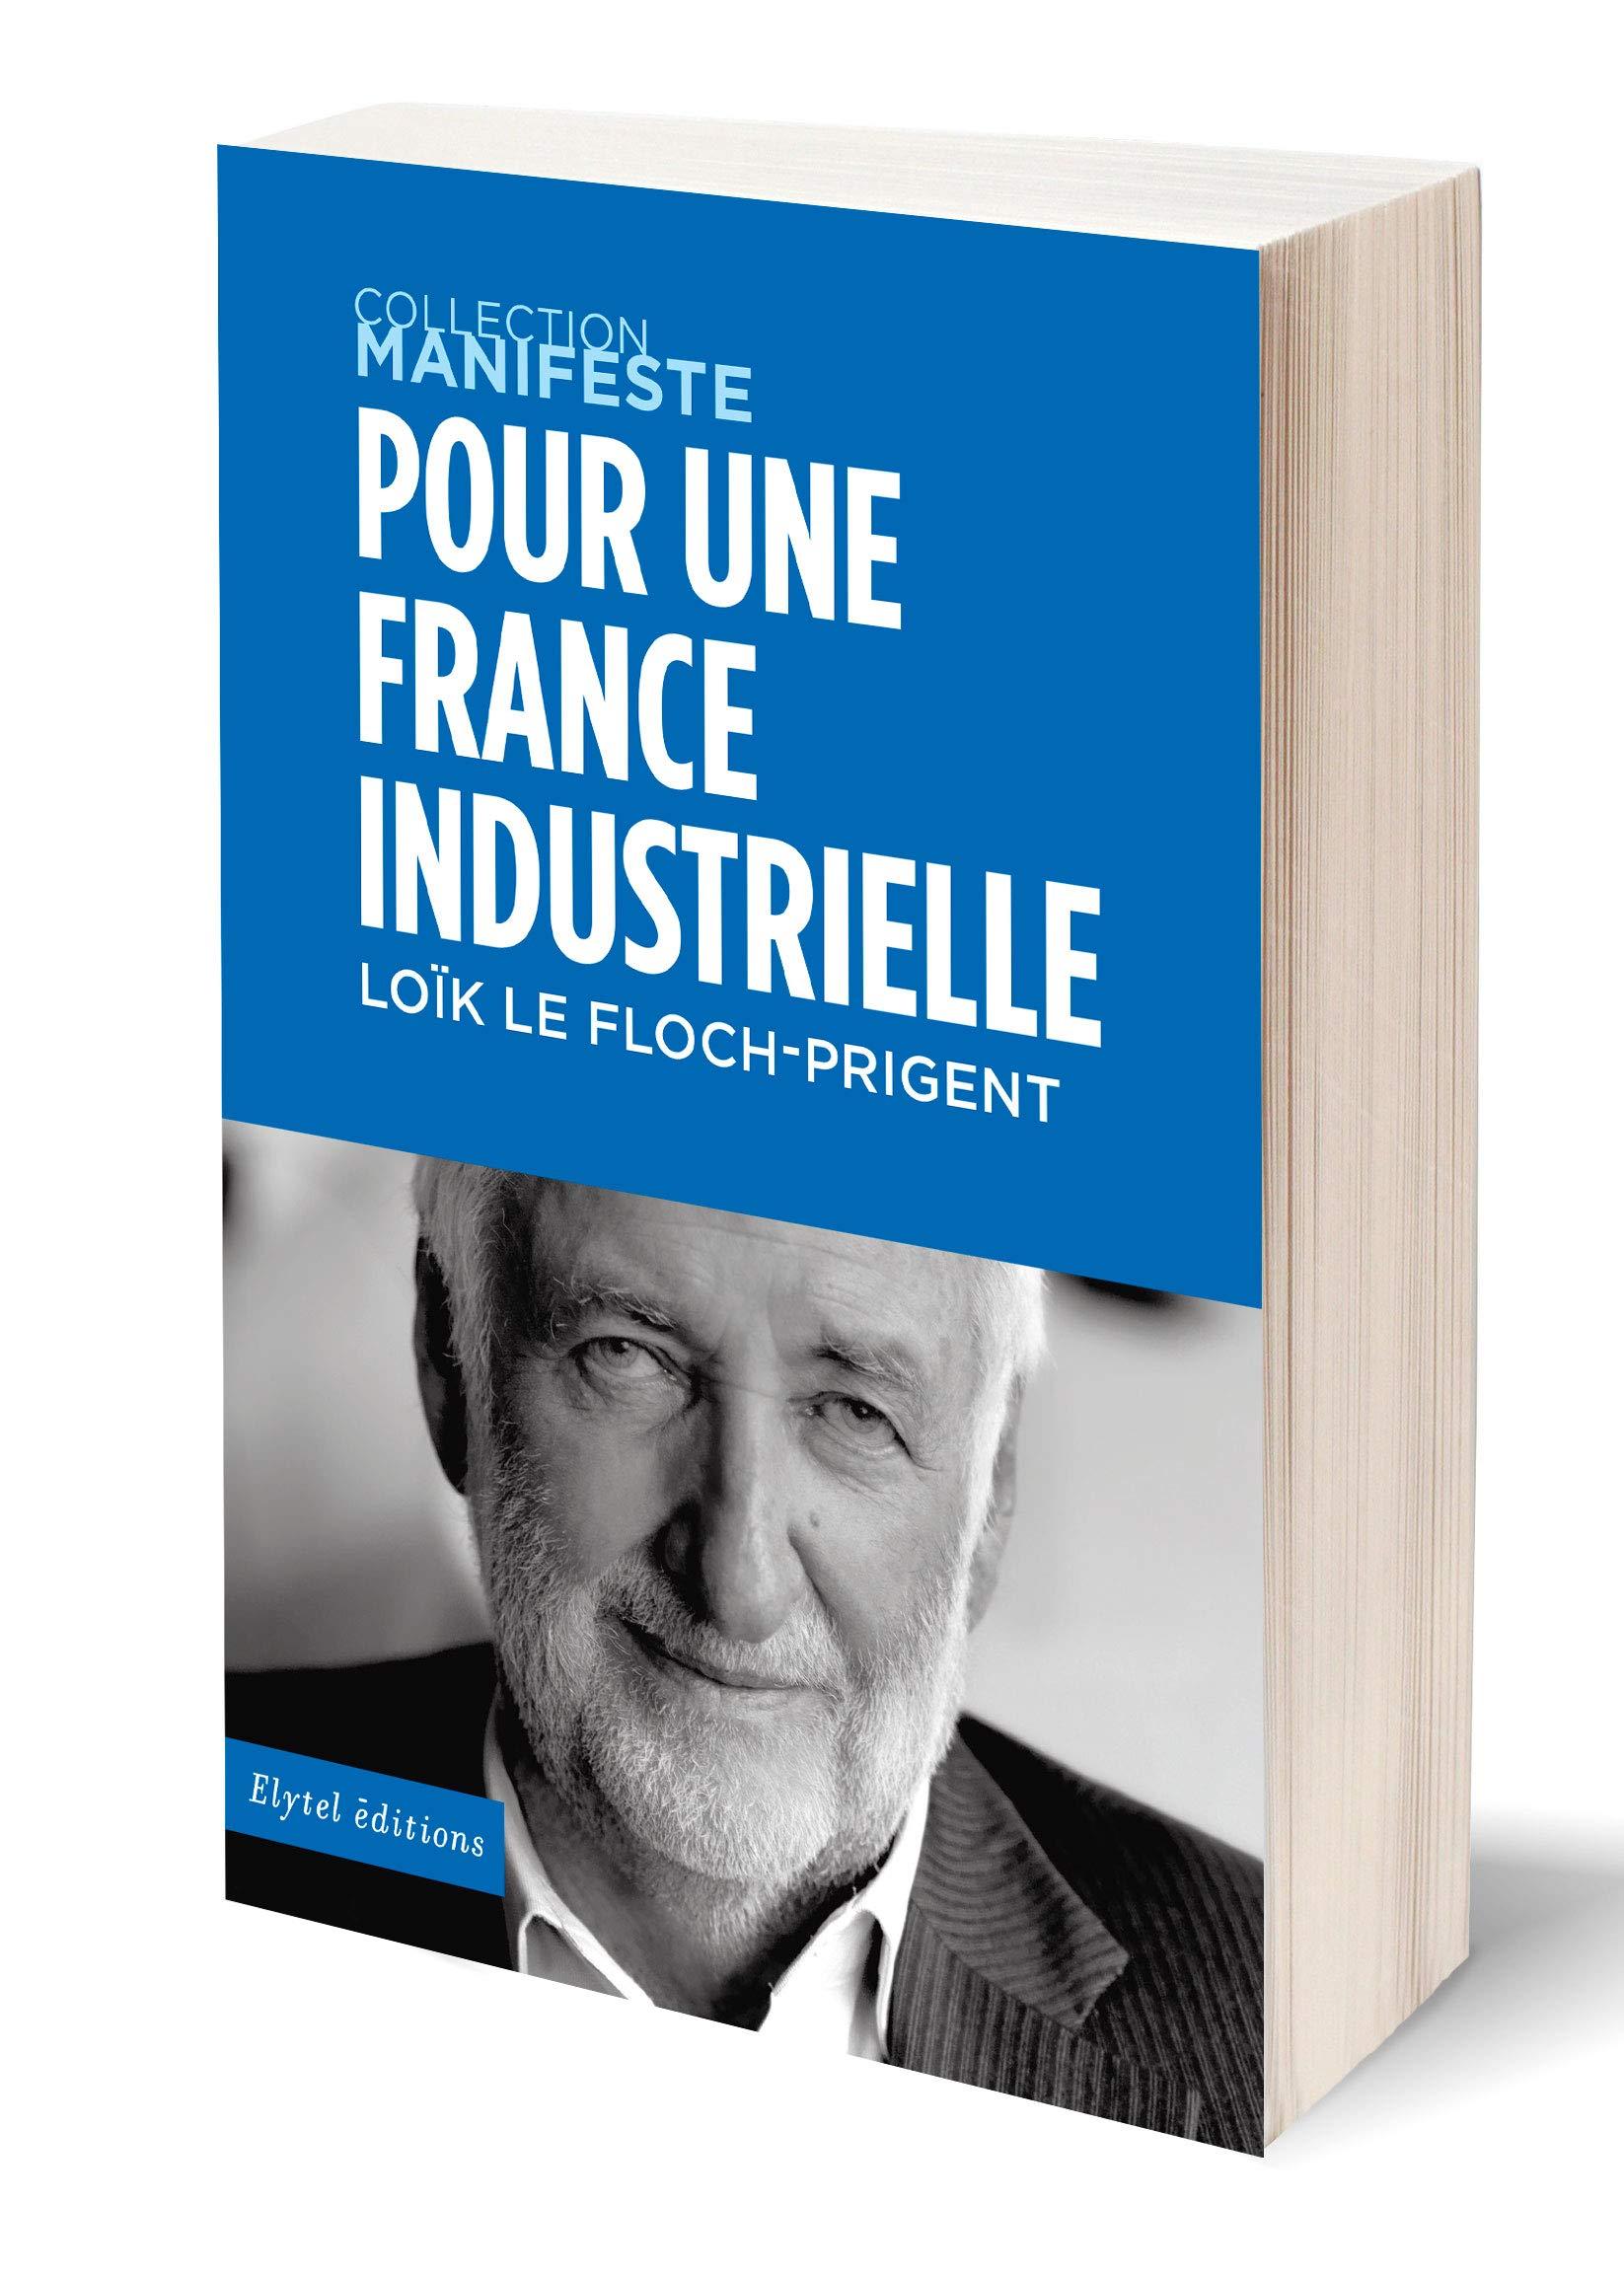 Pour une France Industrielle